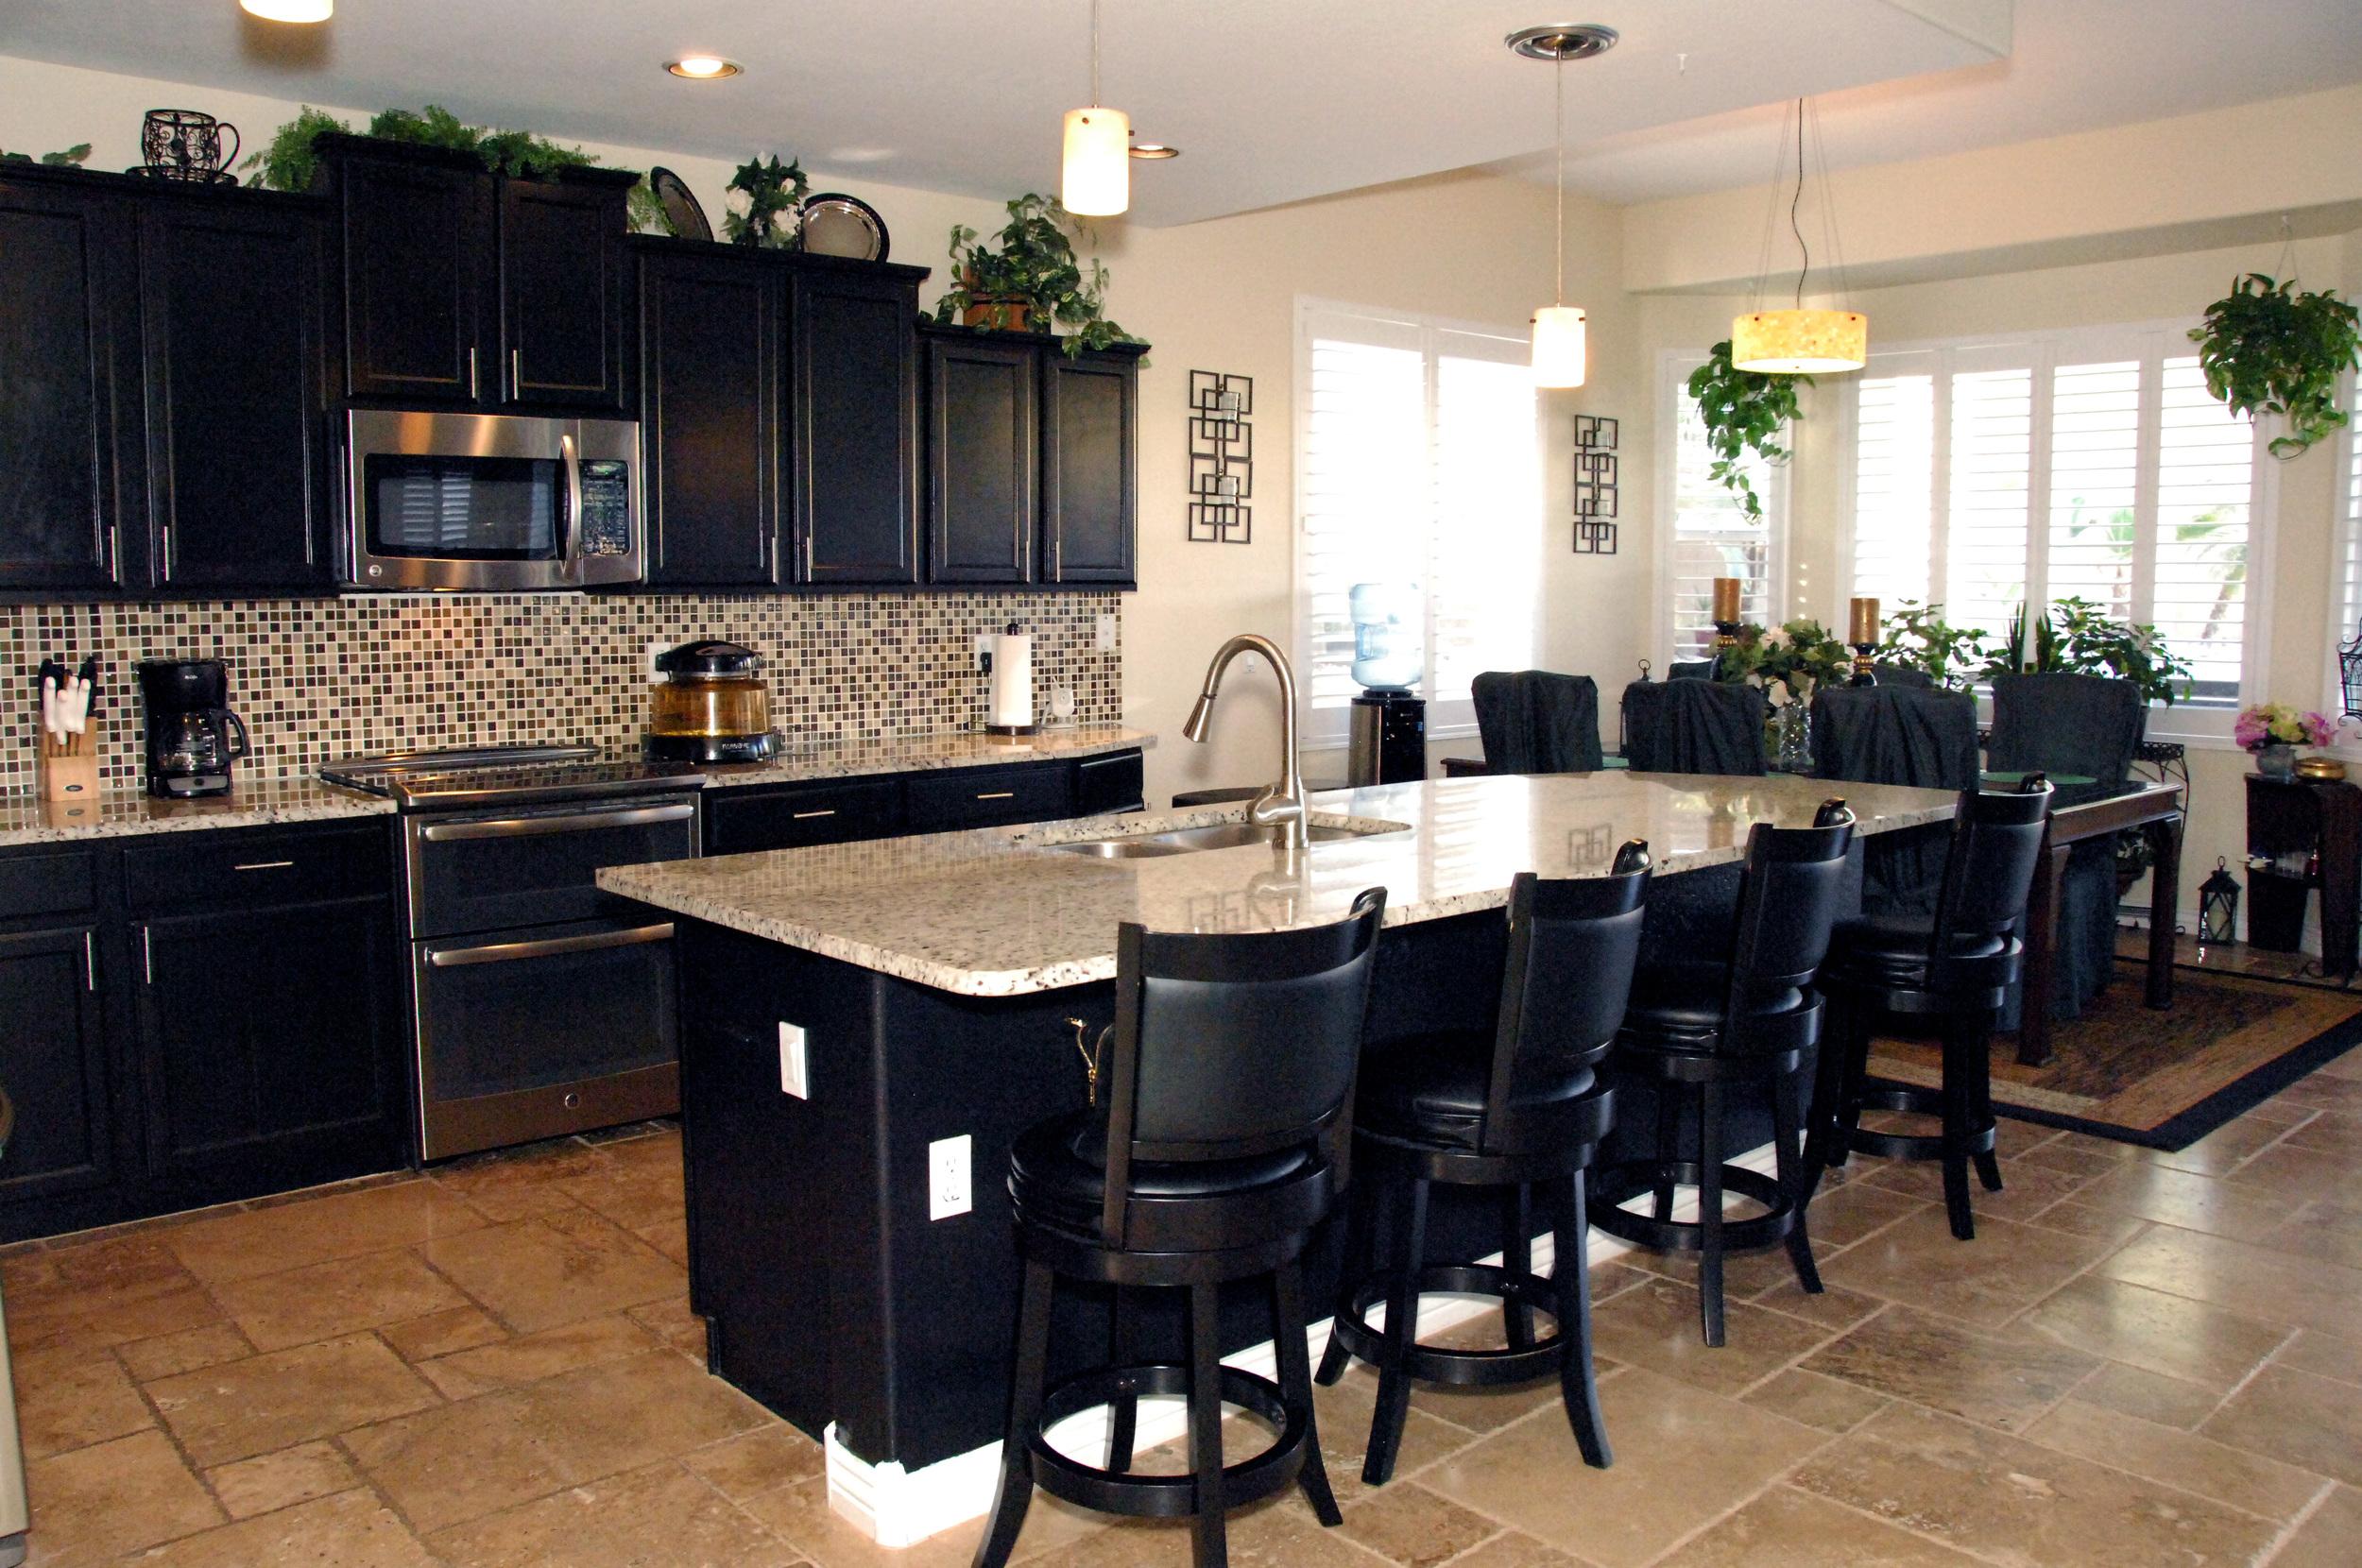 Kitchen photo 1.JPG